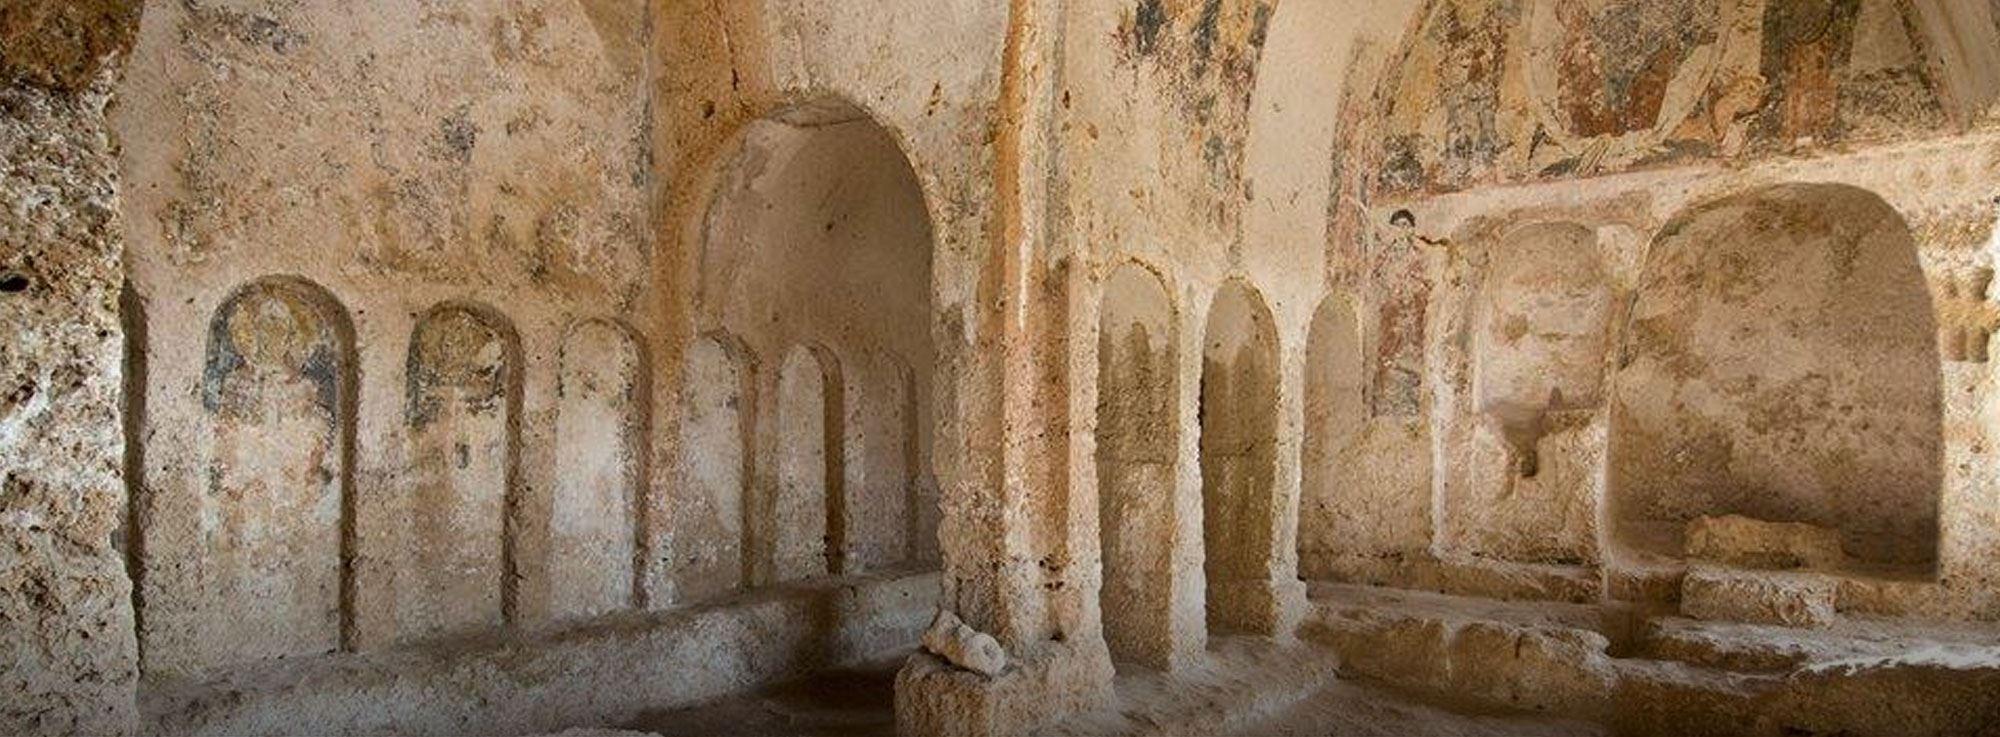 Lama D'Antico: Giornate Europee del Patrimonio